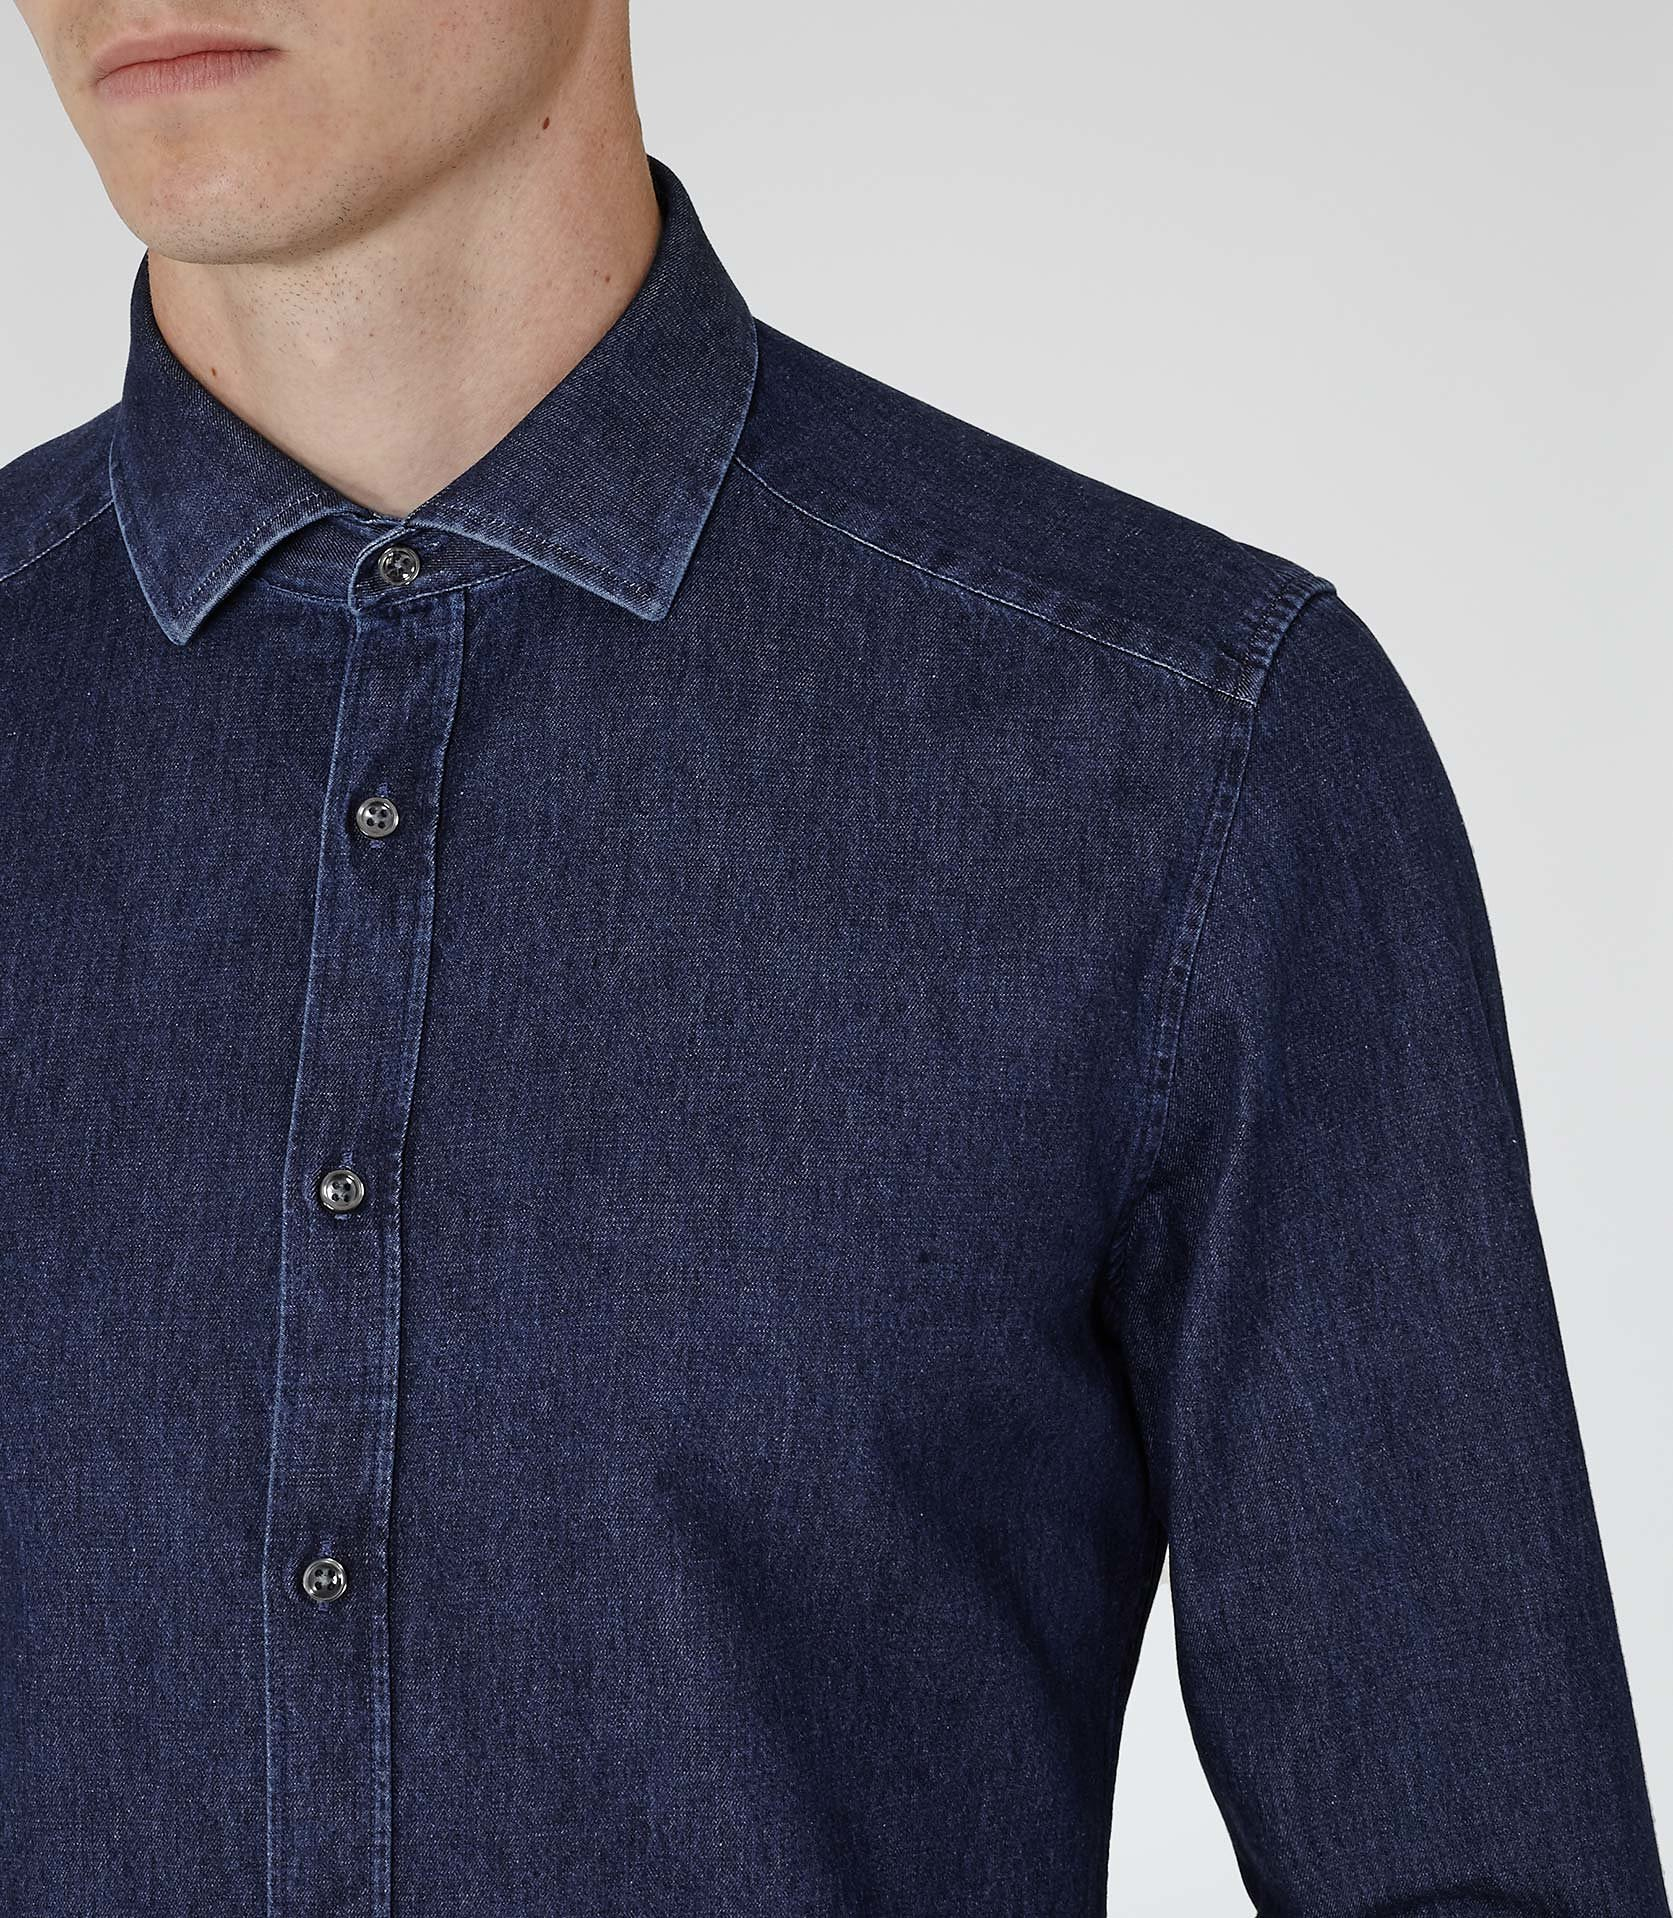 Reiss Novascotia Slim Denim Shirt in Night Navy (Blue) for Men